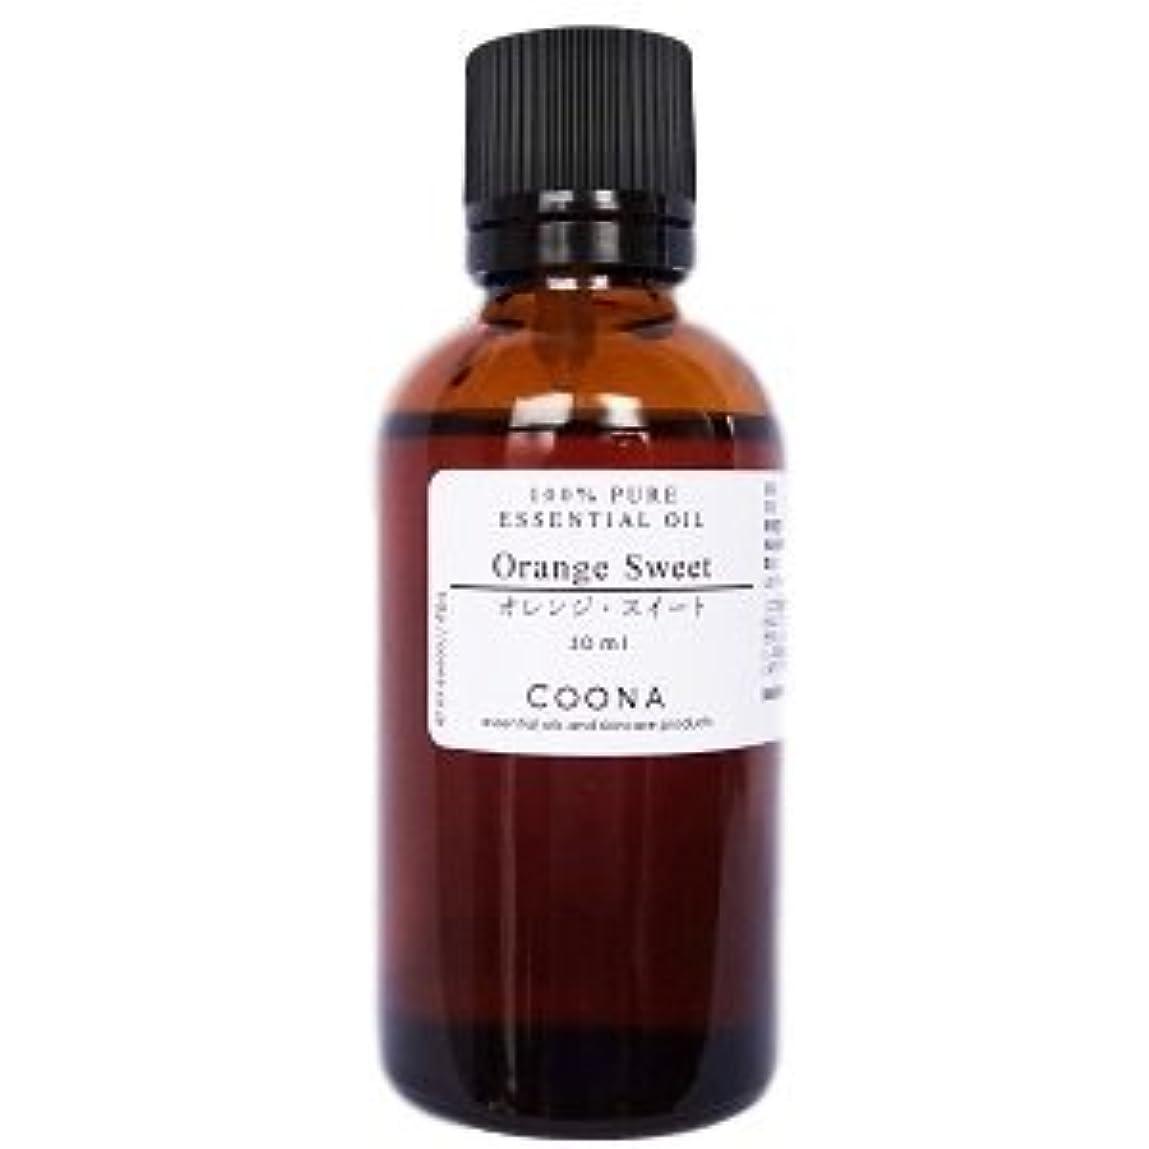 大臣カールありがたいオレンジ スイート 50 ml (COONA エッセンシャルオイル アロマオイル 100% 天然植物精油)